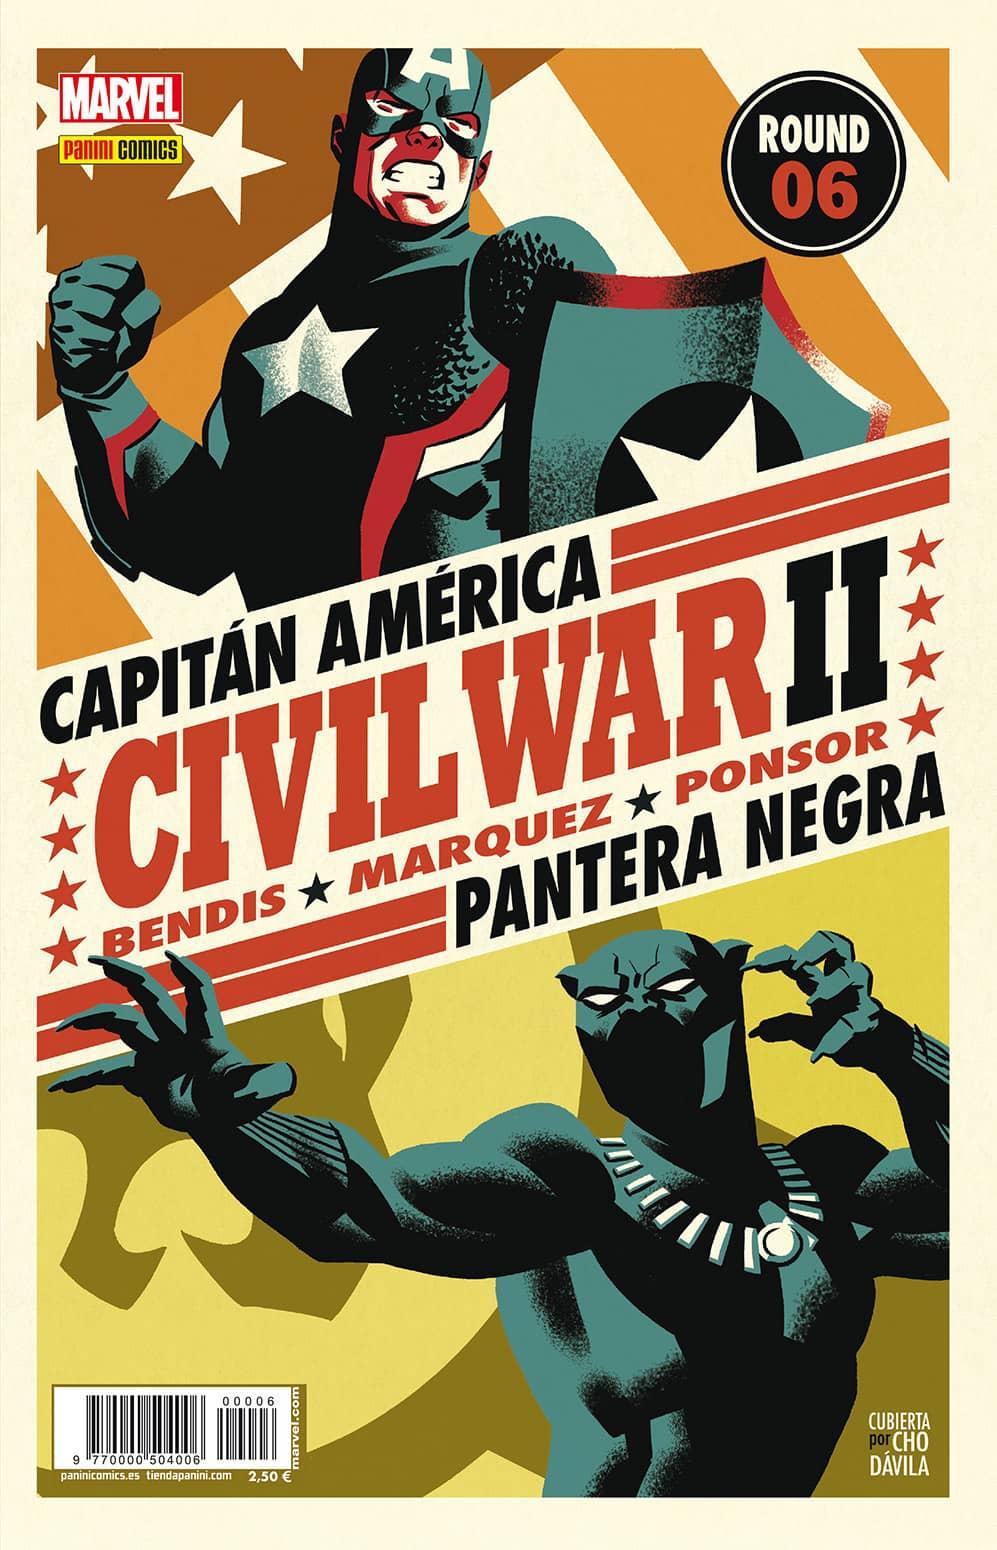 CIVIL WAR II N. 6 (PORTADA  ALTERNATIVA)